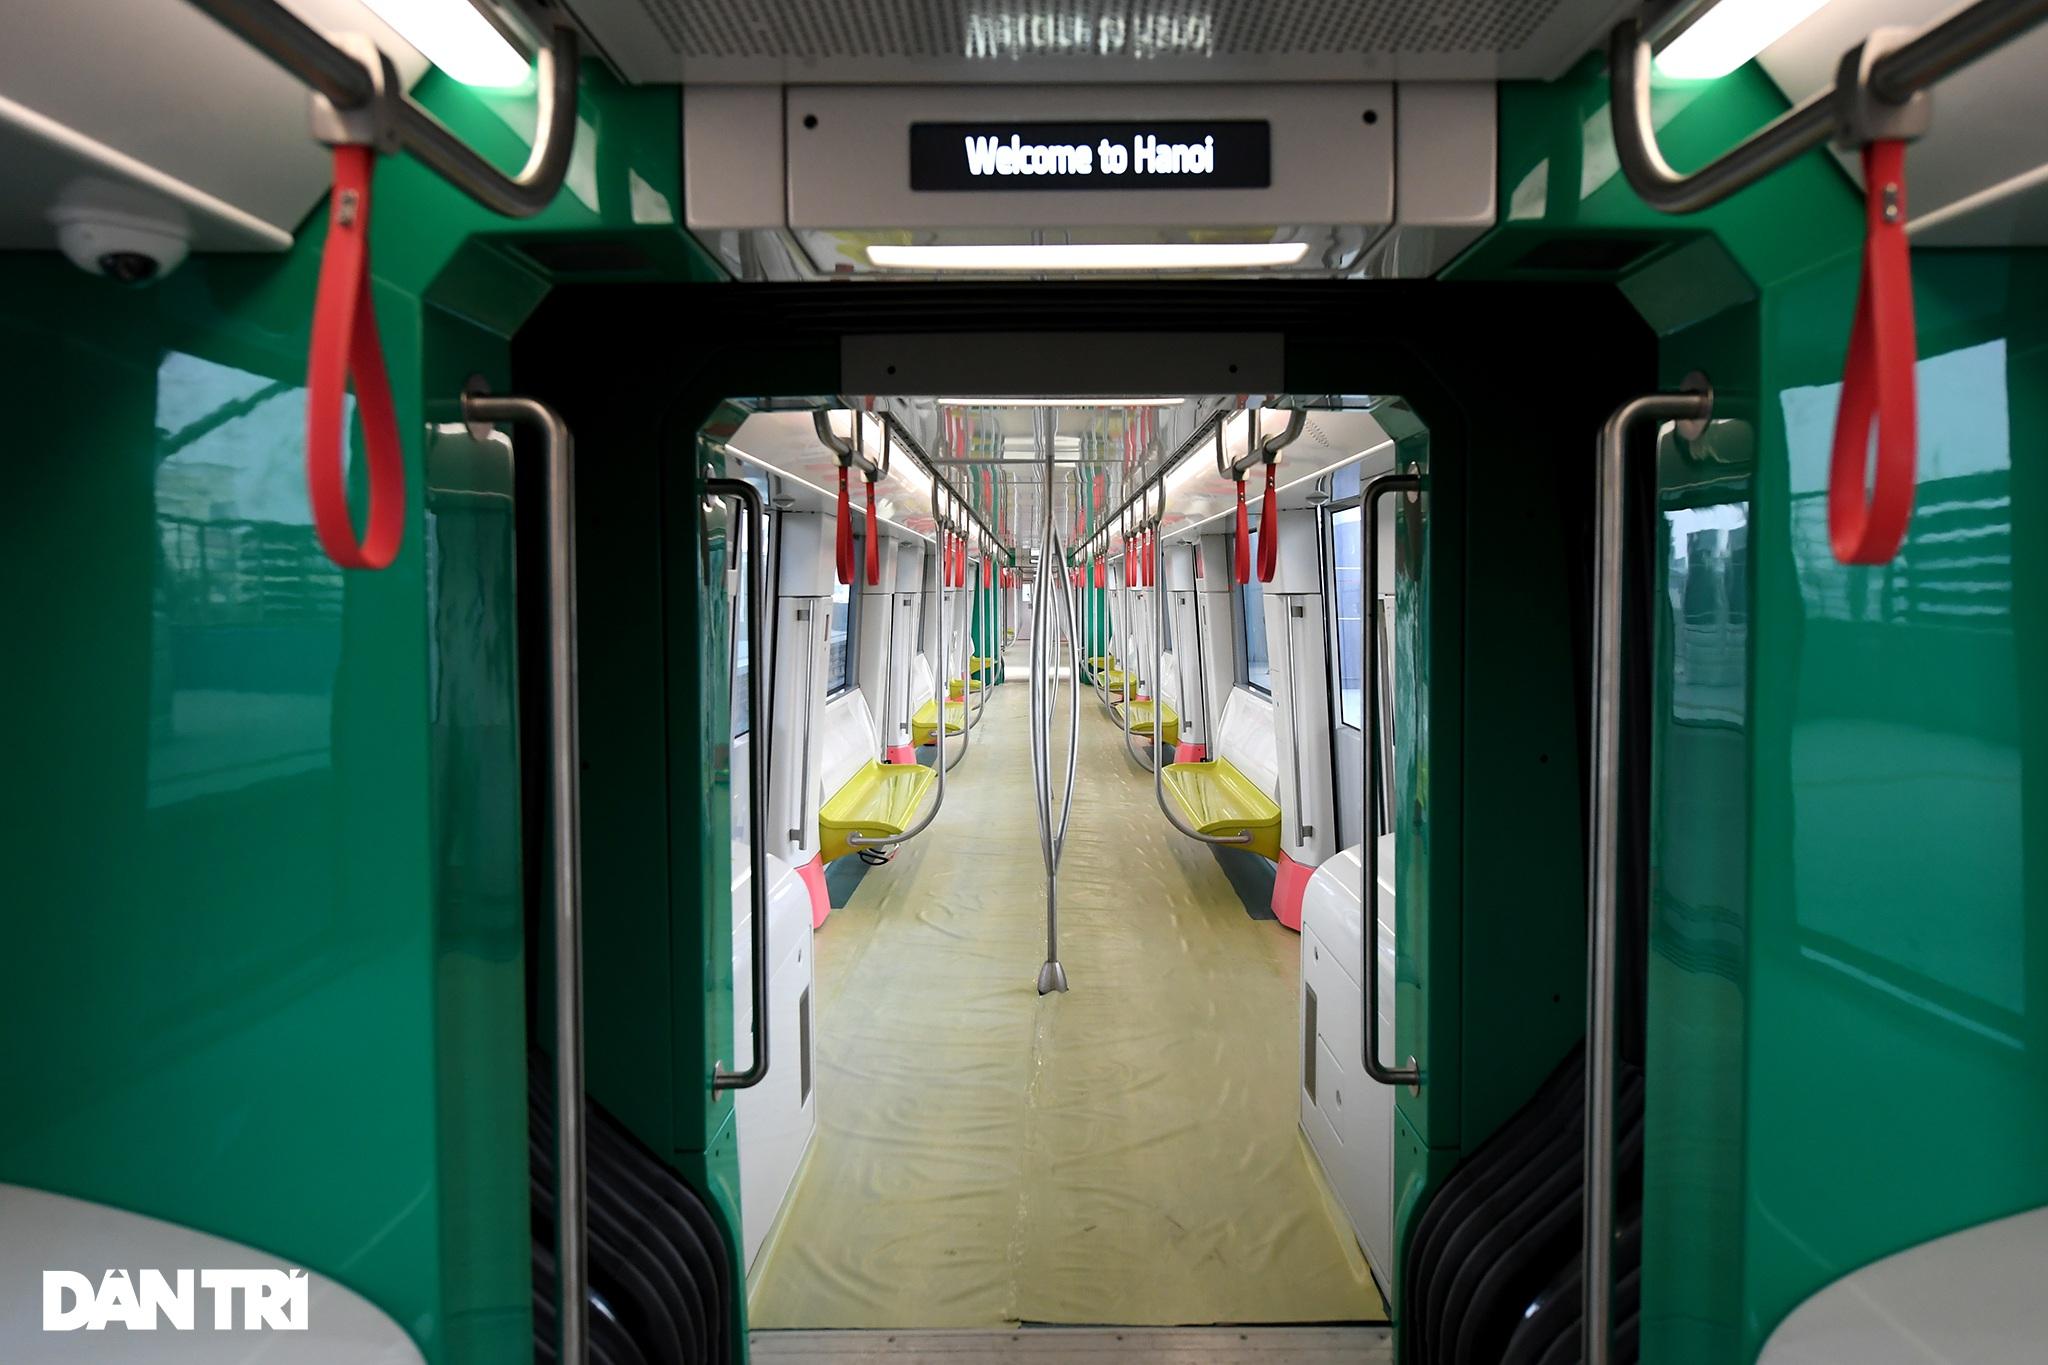 Người dân phấn khởi tham quan đoàn tàu tuyến Metro Nhổn - ga Hà Nội - 13